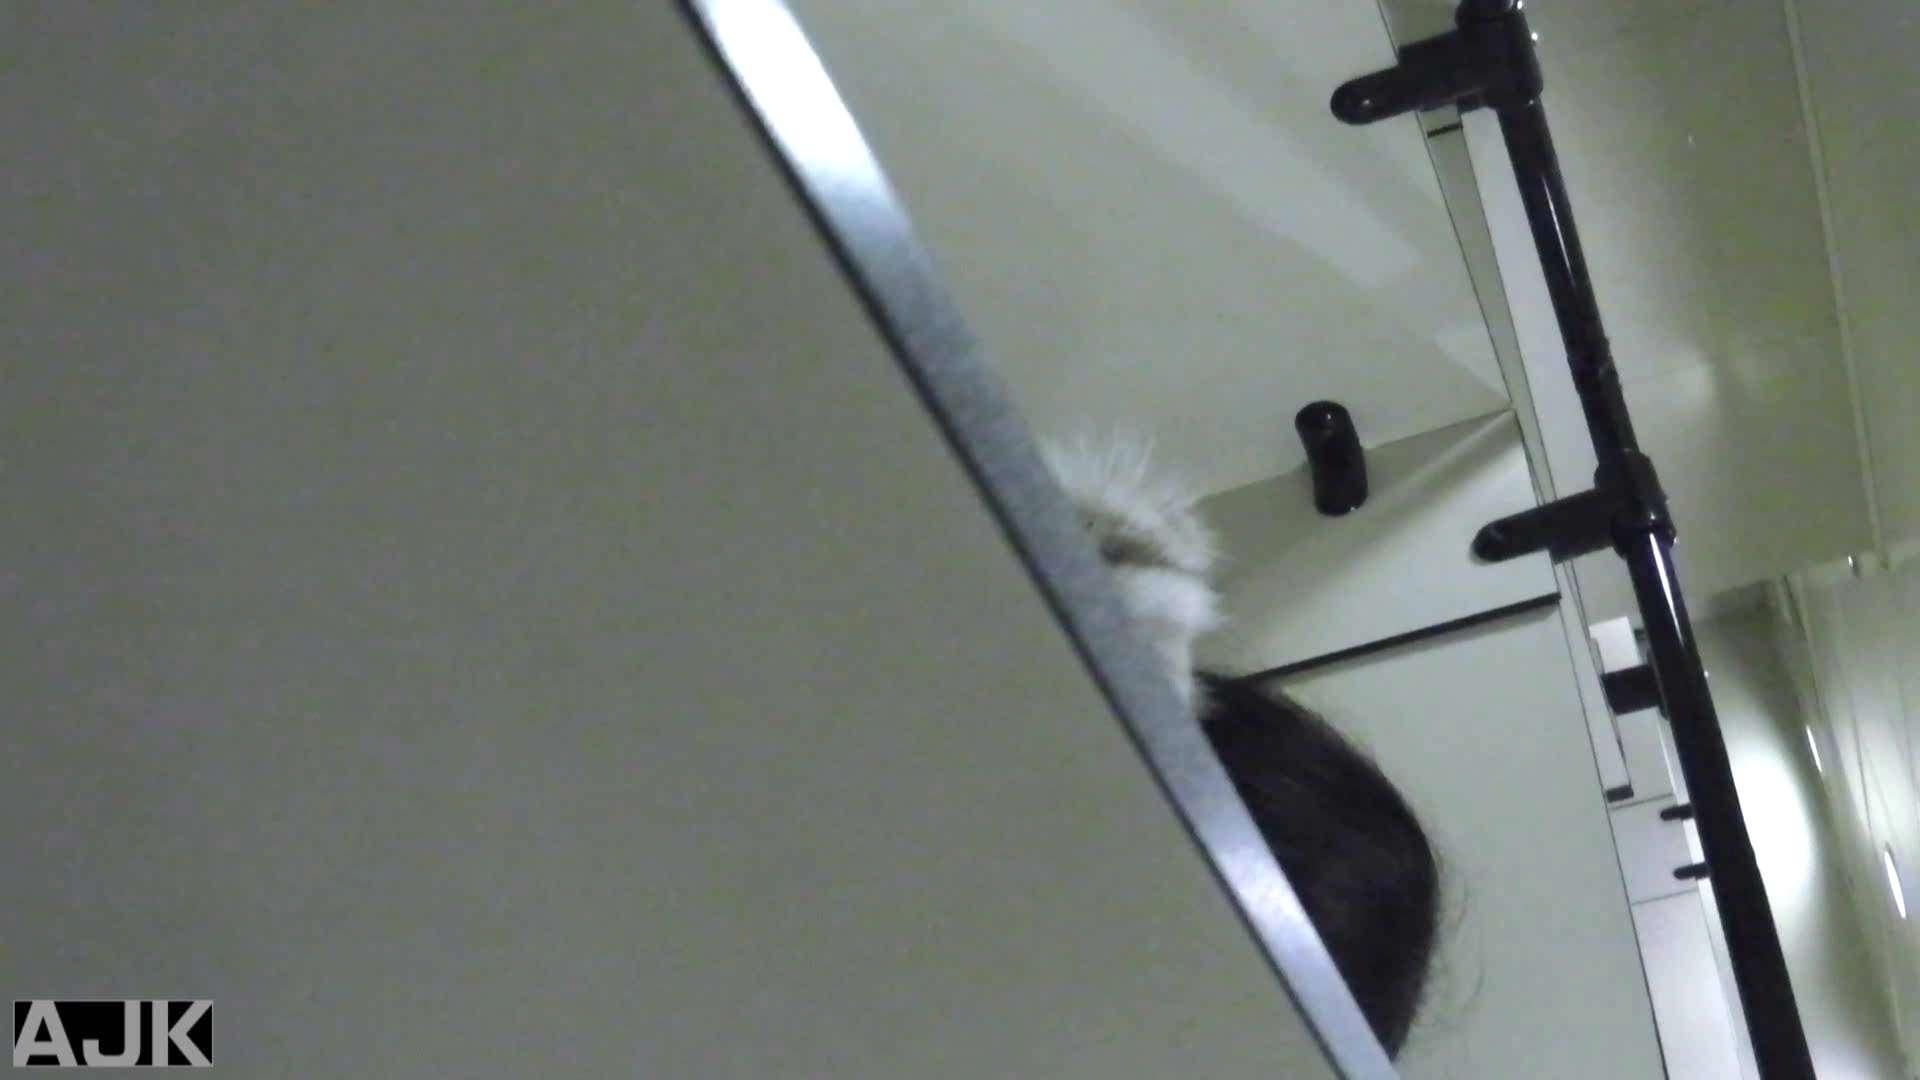 隣国上階級エリアの令嬢たちが集うデパートお手洗い Vol.29 便器 エロ無料画像 90画像 8